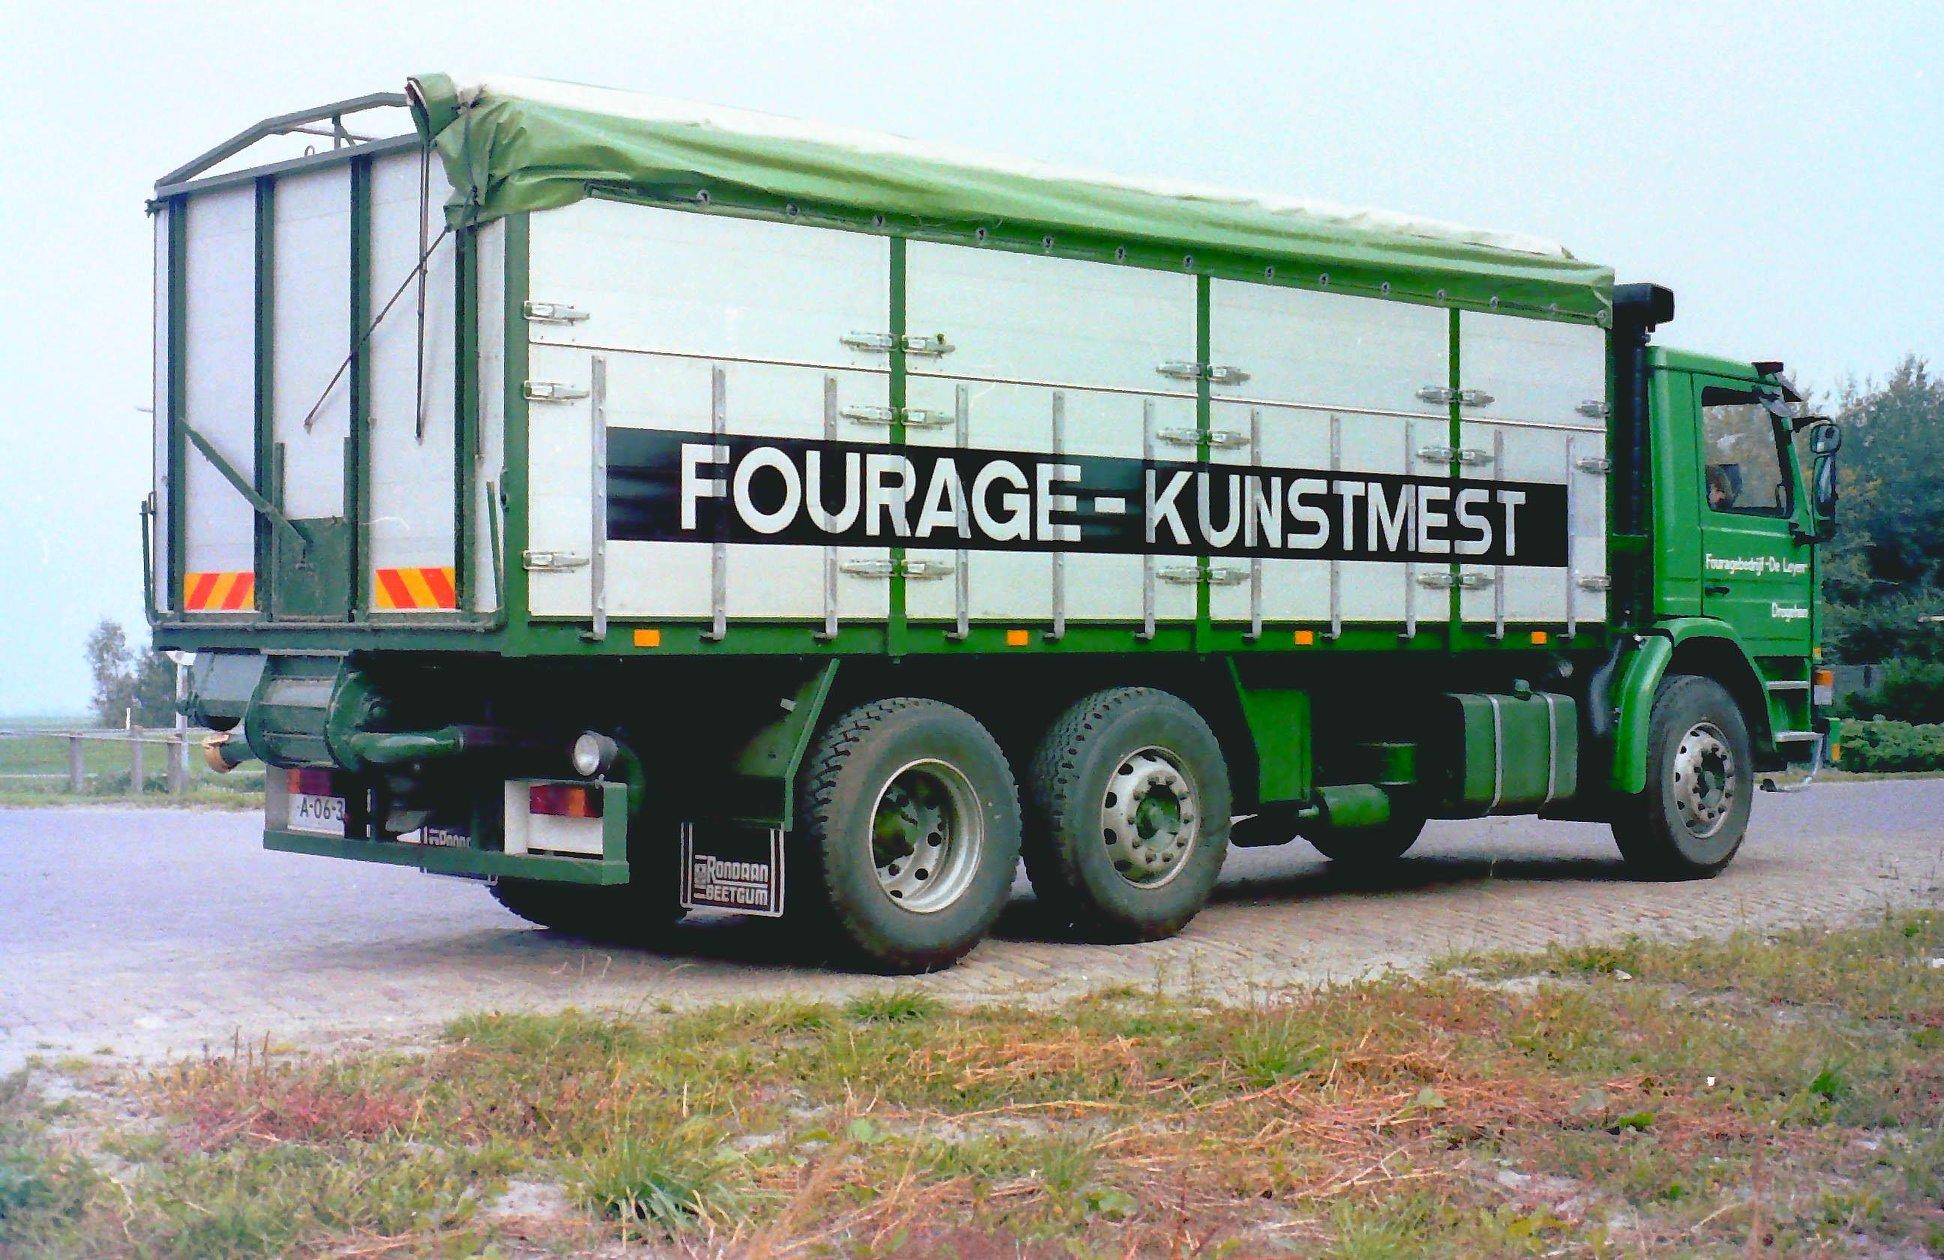 Deze-bulkauto-is-gebouwd-door-Rondaan-voor-Fouragebedrijf-De-Leyen-uit-Drogeham-rijdend-voor-Koopmans--3